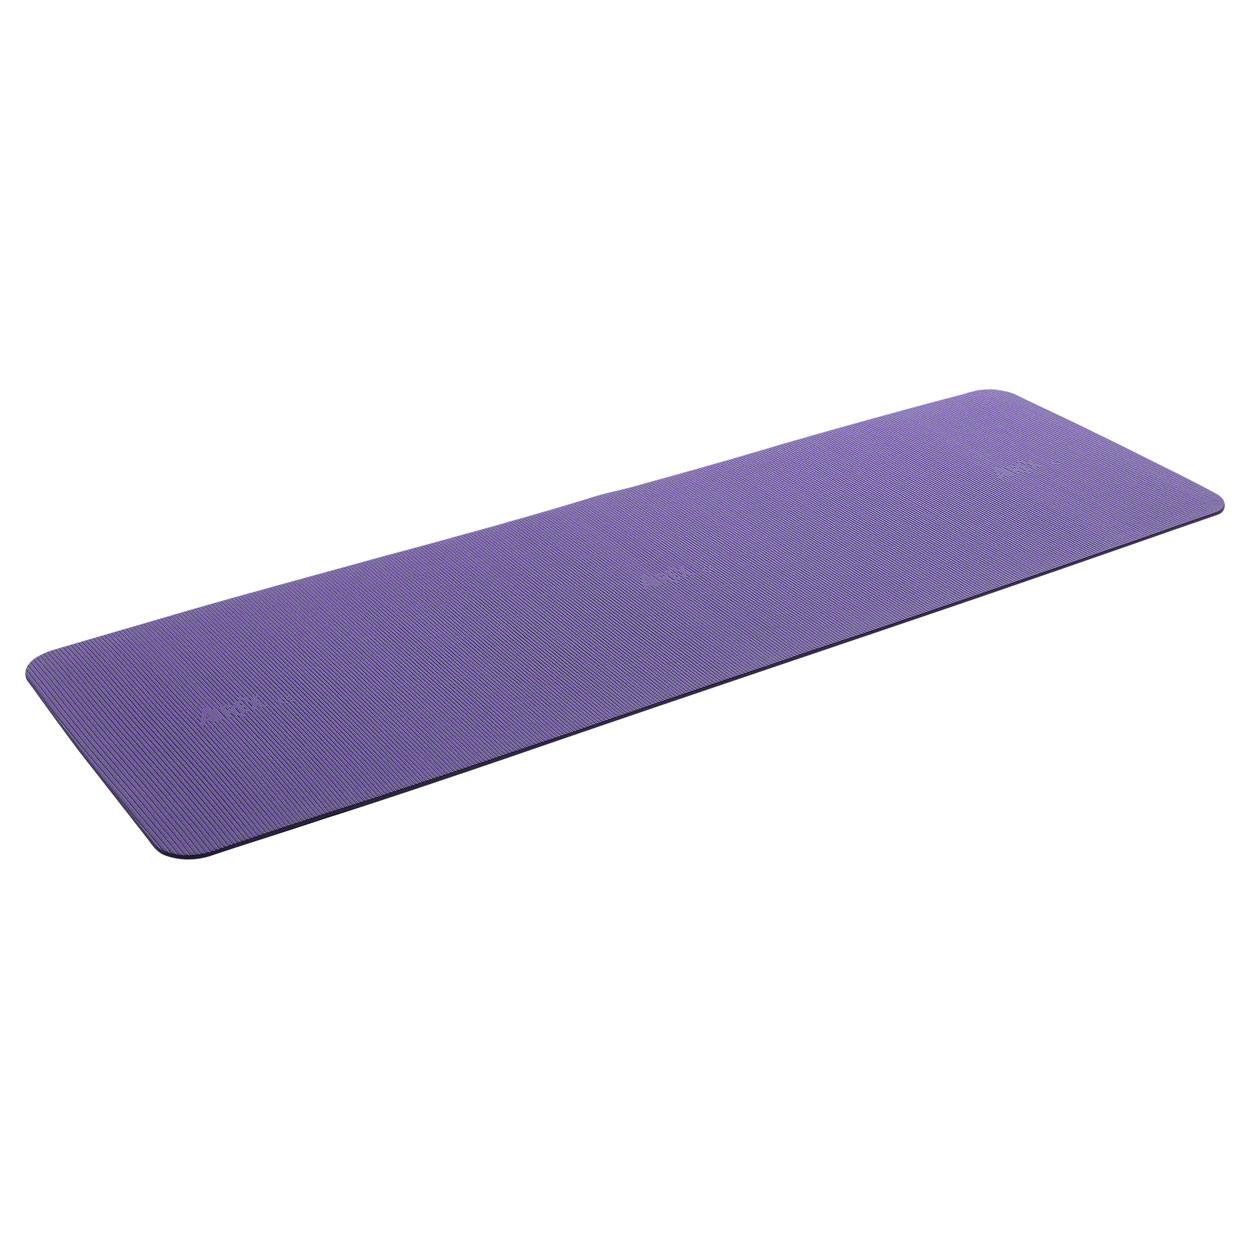 AIREX Pilates  und Yogamatte 220, LxBxH 220x220x20,20 cm günstig ...